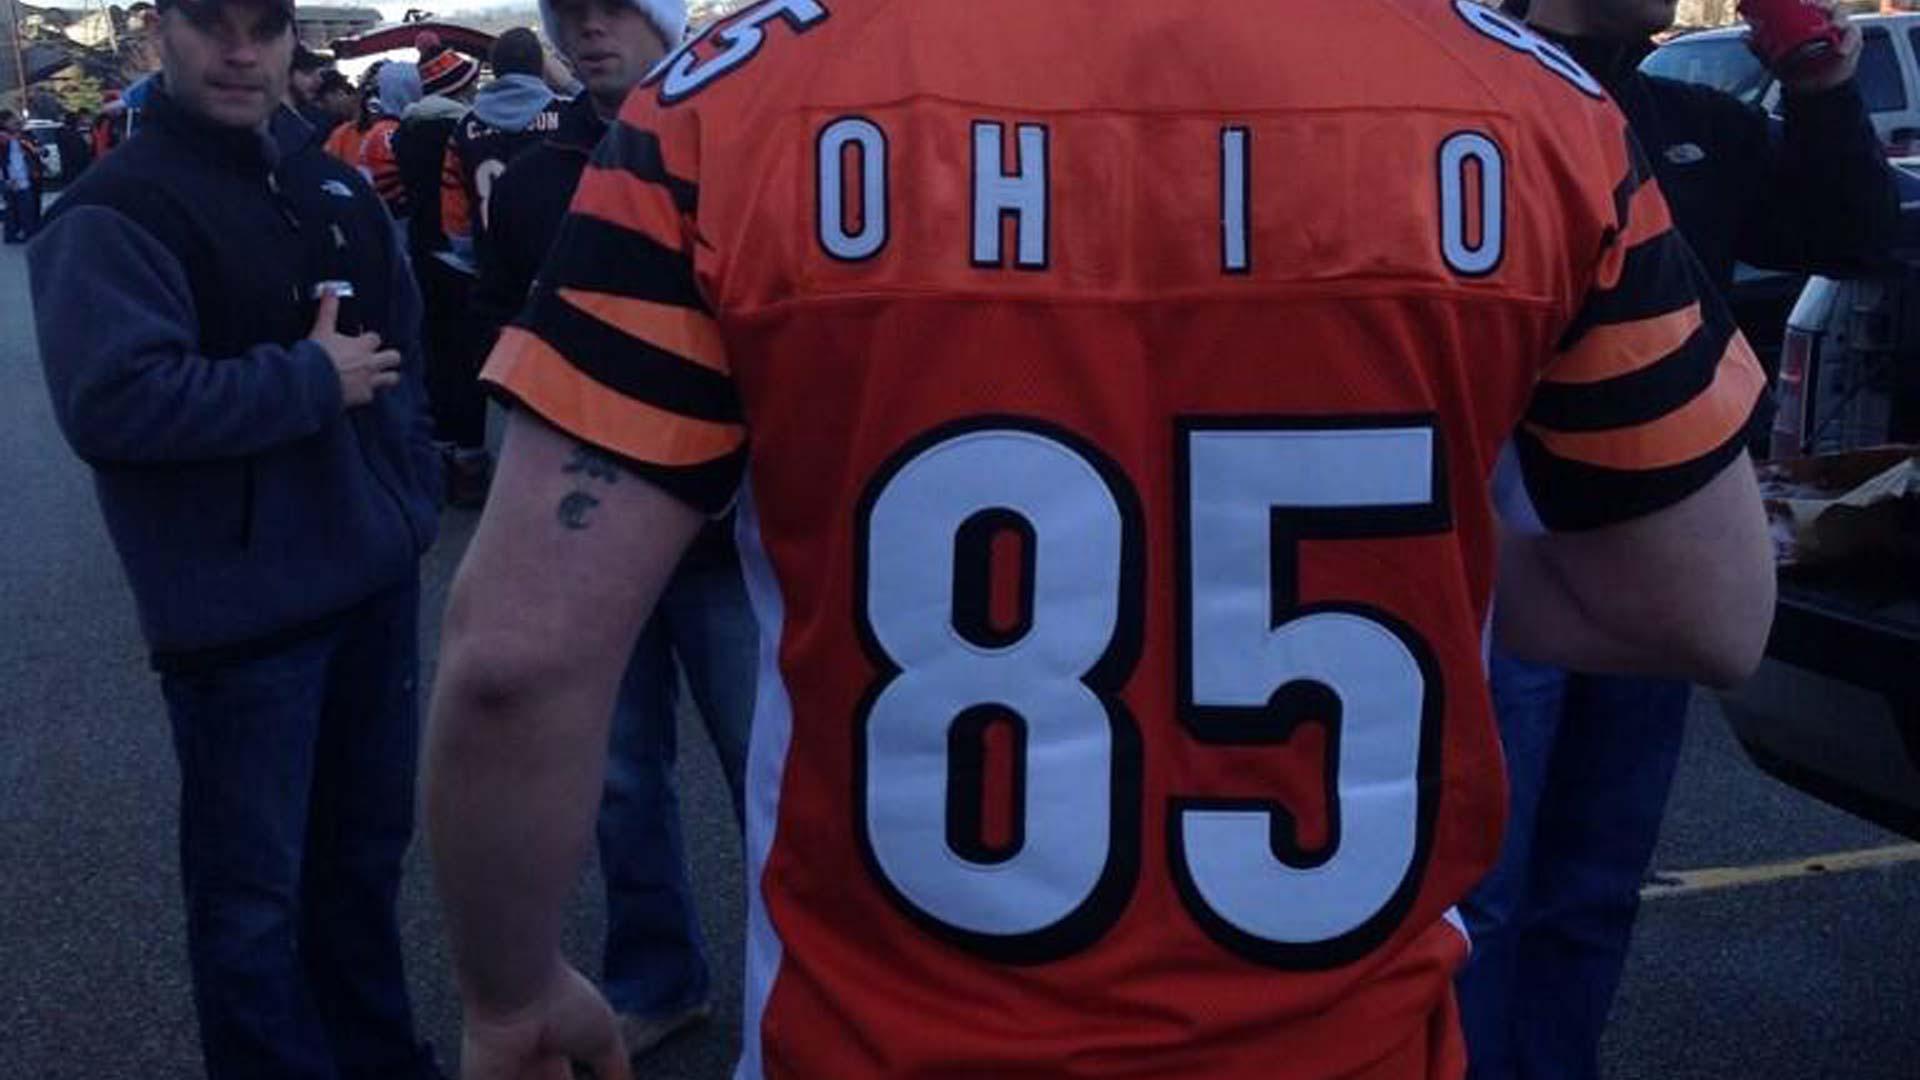 Ohio-fans-jersey-122213-twitter-FTR